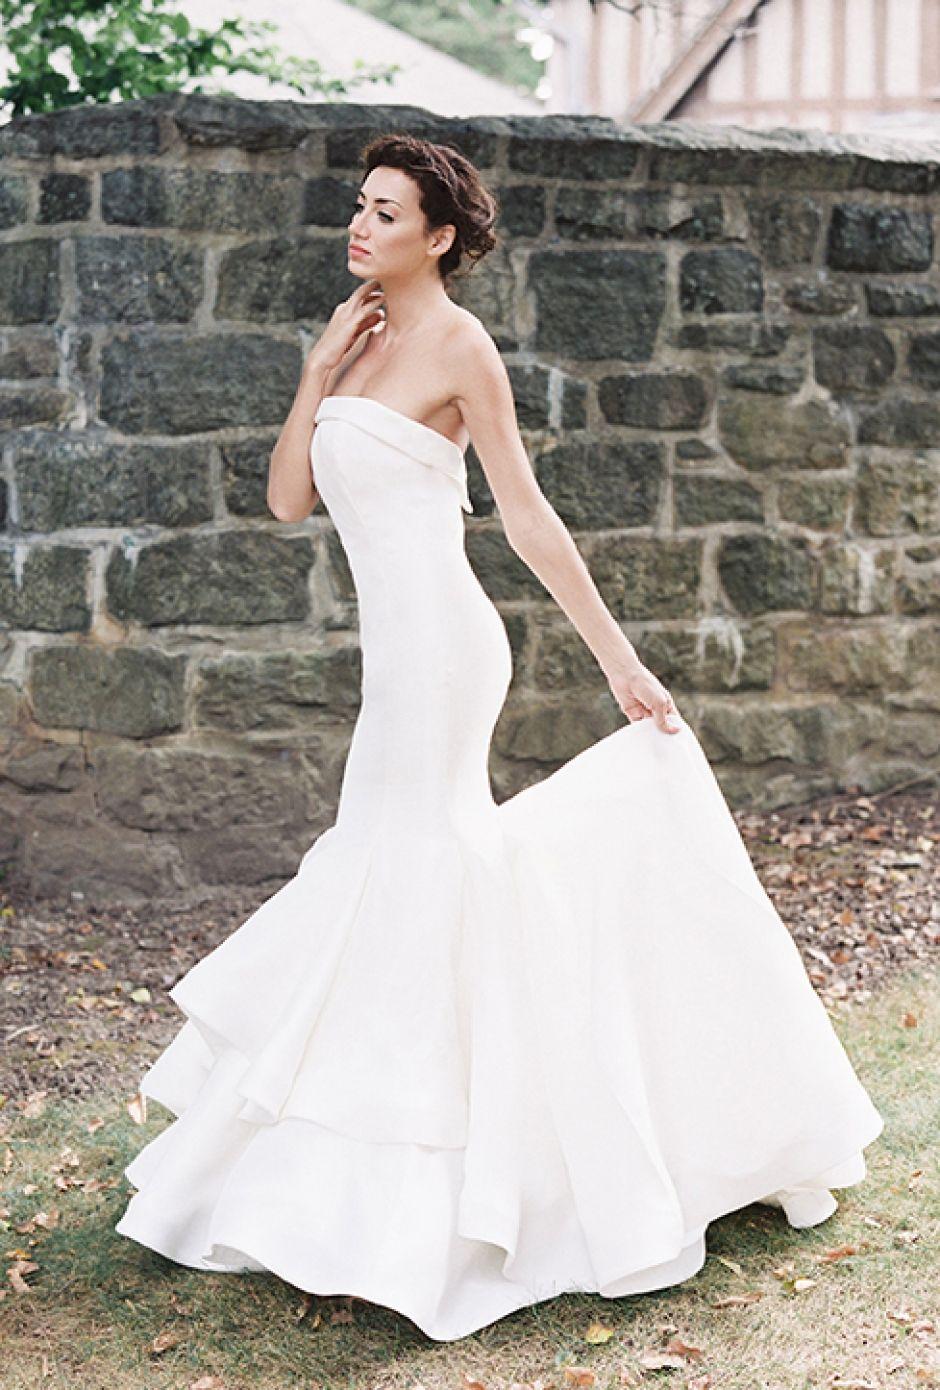 Designers I Do Bridal Couture Baton Rouge Bridal Boutique Shop Couture Wedding Dresses Bridal Couture Bridal Dresses Wedding Dresses [ 1390 x 940 Pixel ]